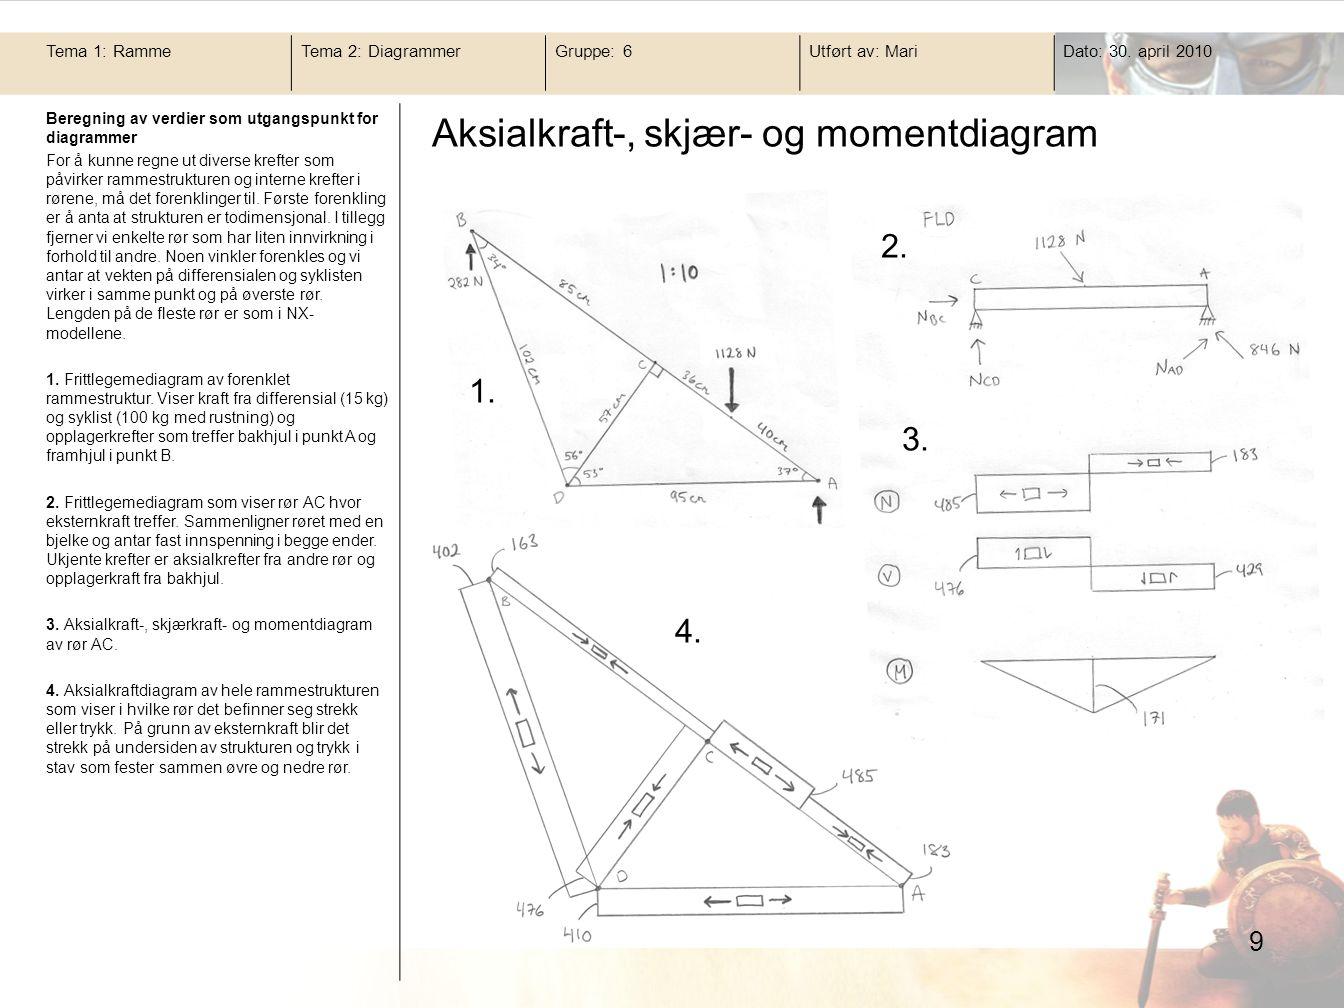 Aksialkraft-, skjær- og momentdiagram 2.